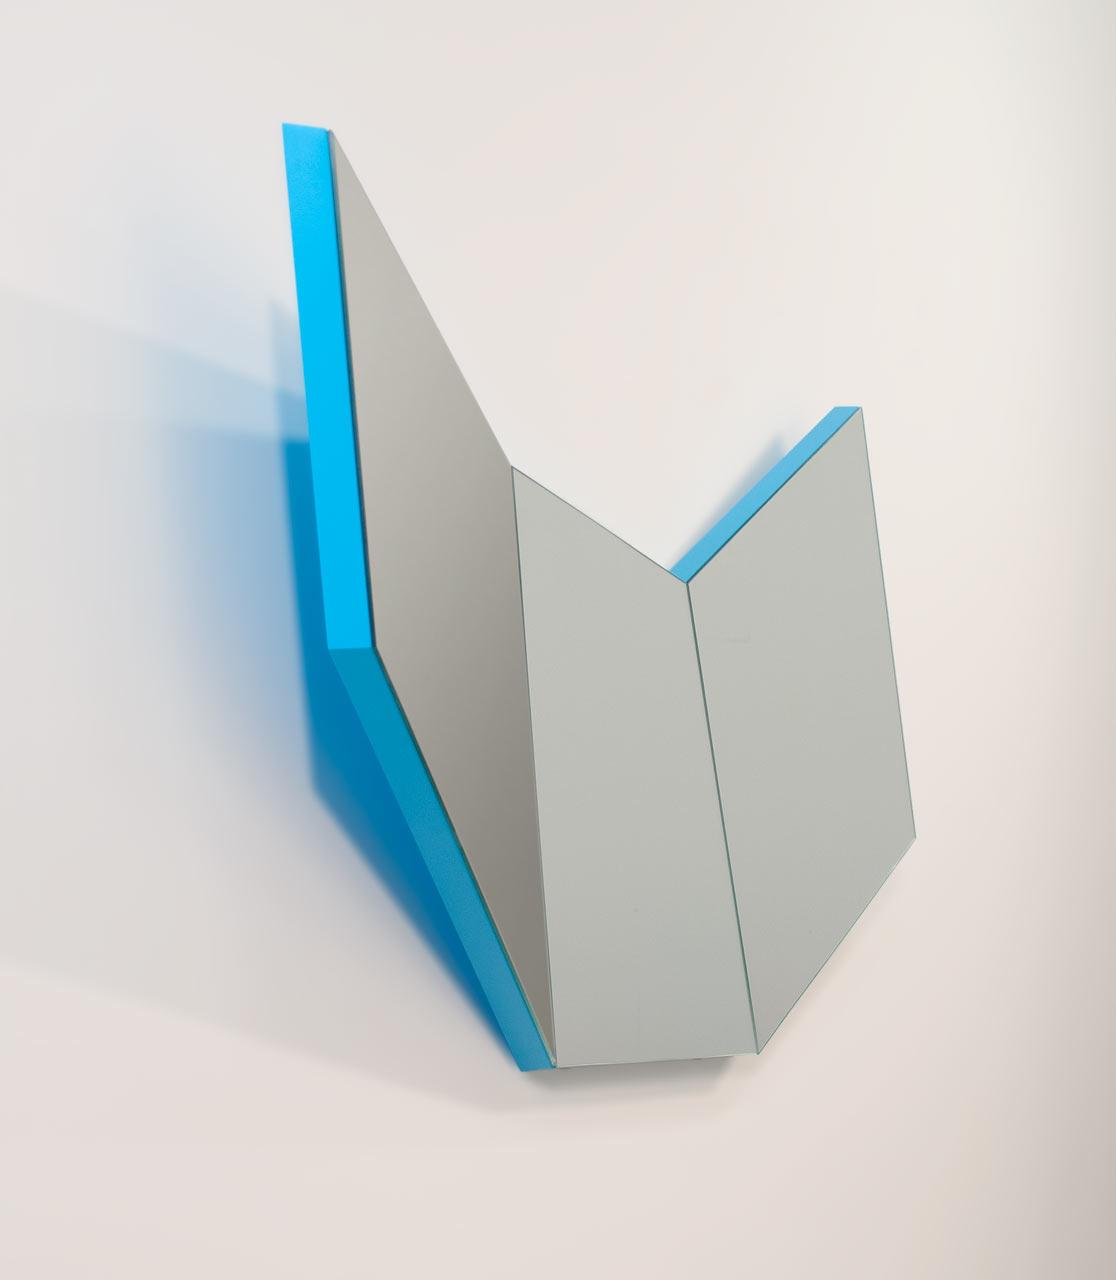 Stonefox-Architects-3D-Sculptural-Mirrors-hisheji (11)